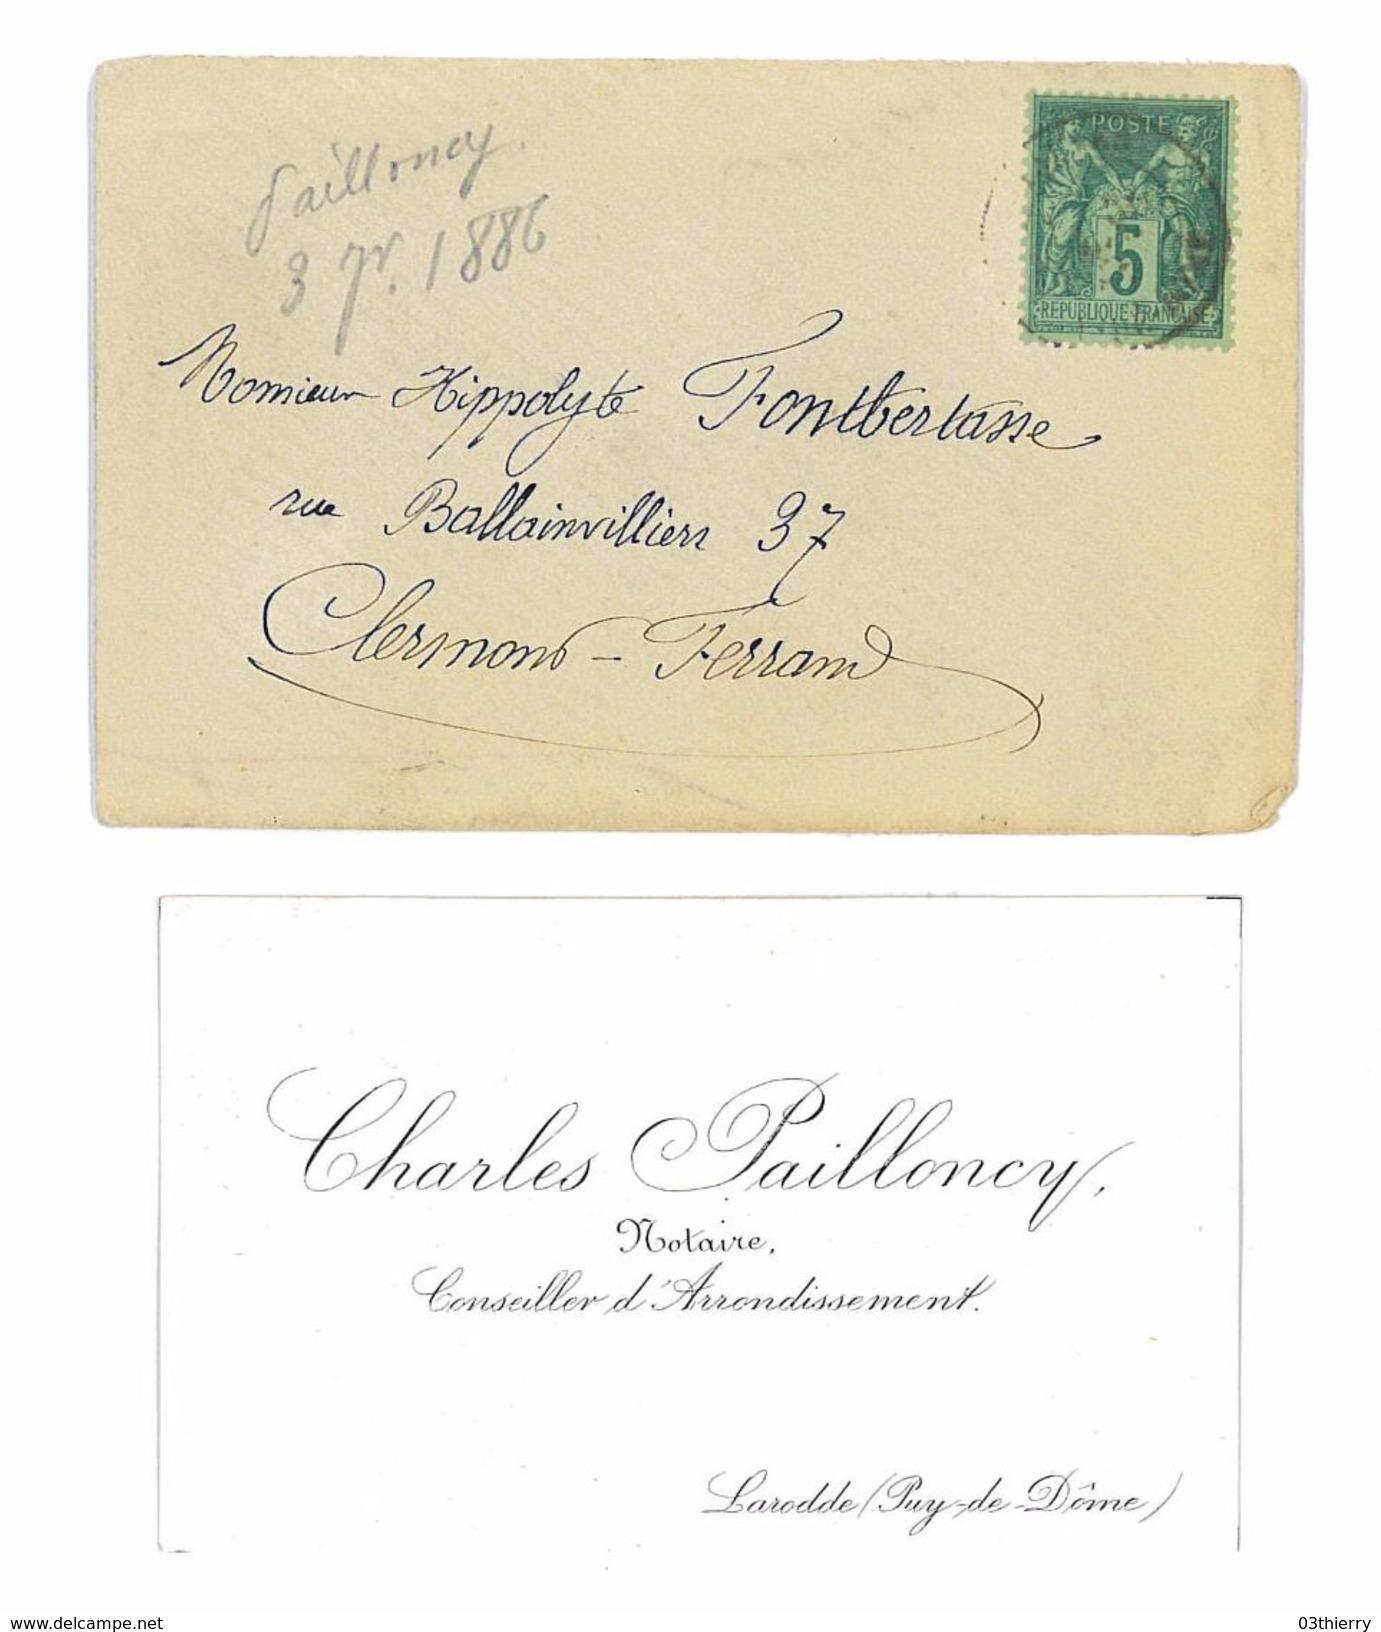 CARTE DE VISITE + ENV CHARLES PAILLONCY NOTAIRE A LARODDE 63 - Cartes De Visite